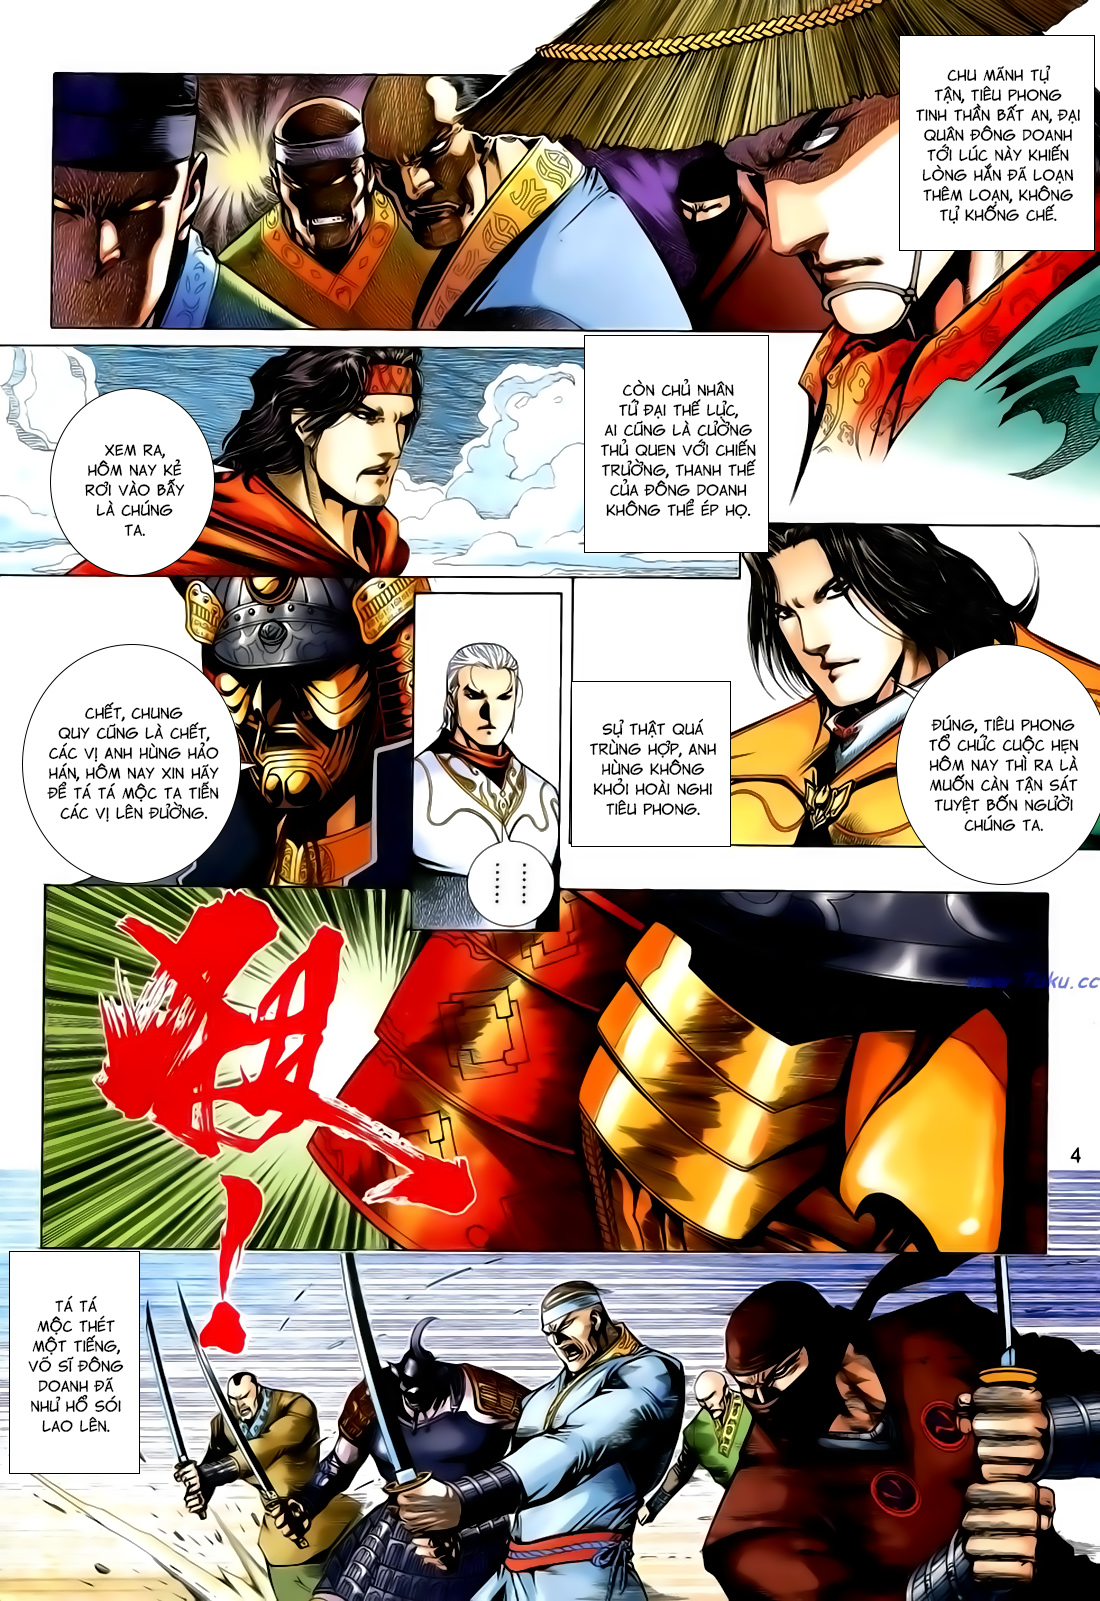 Anh Hùng Vô Lệ Chap 167 - Trang 4